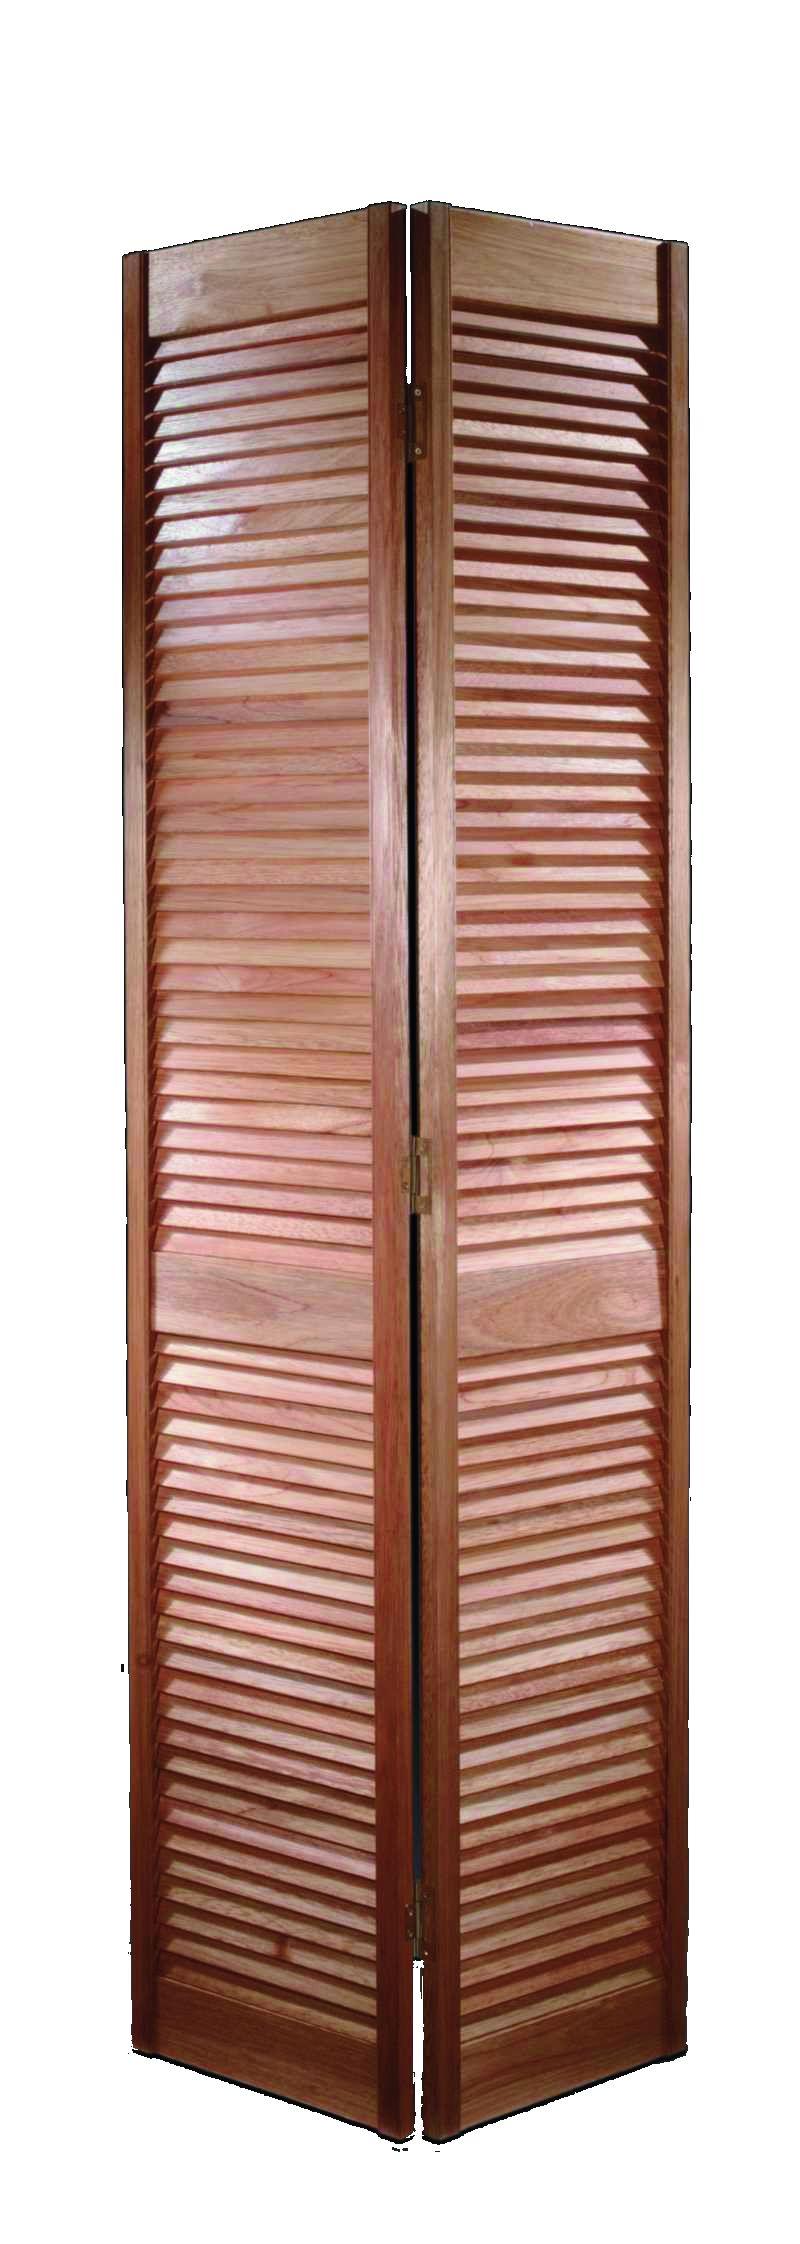 LEDCO 36  LOUVER BI-FOLD DOOR  sc 1 st  Murray Supply MRO & LEDCO 36